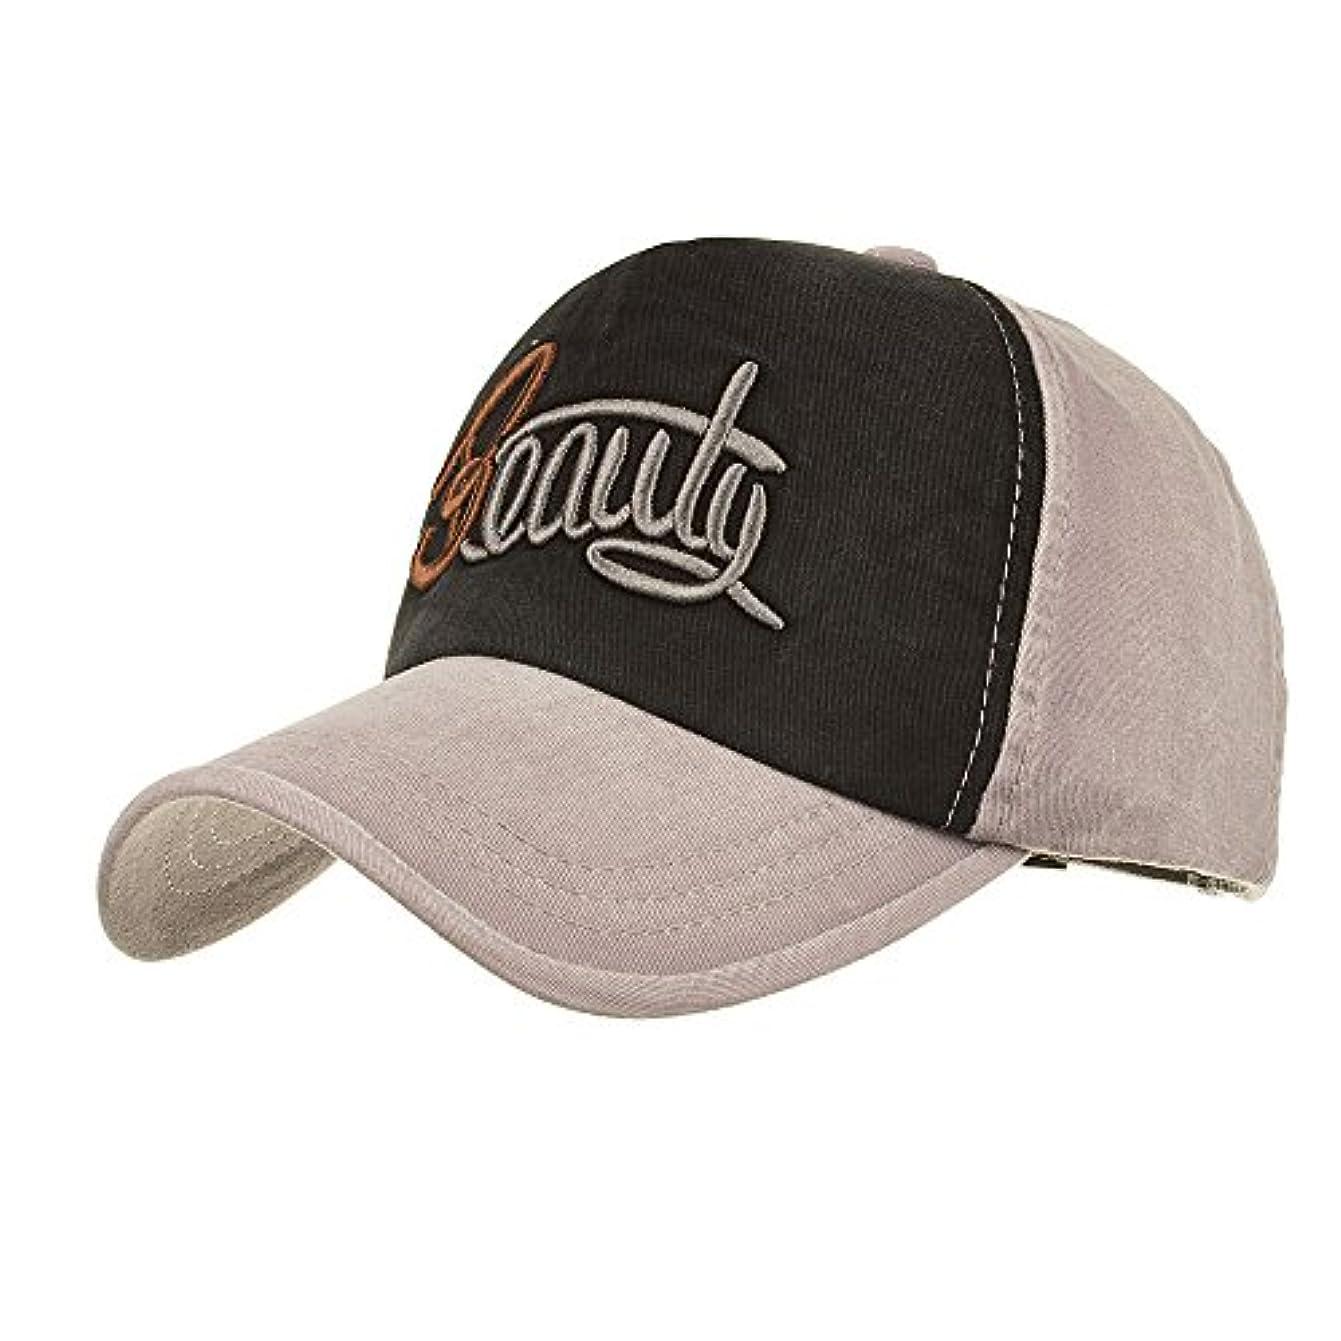 漏れ予備分析Racazing Cap パッチワーク刺繍 ヒップホップ 野球帽 通気性のある 帽子 夏 登山 可調整可能 棒球帽 UV 帽子 軽量 屋外 Unisex Hat (グレー)